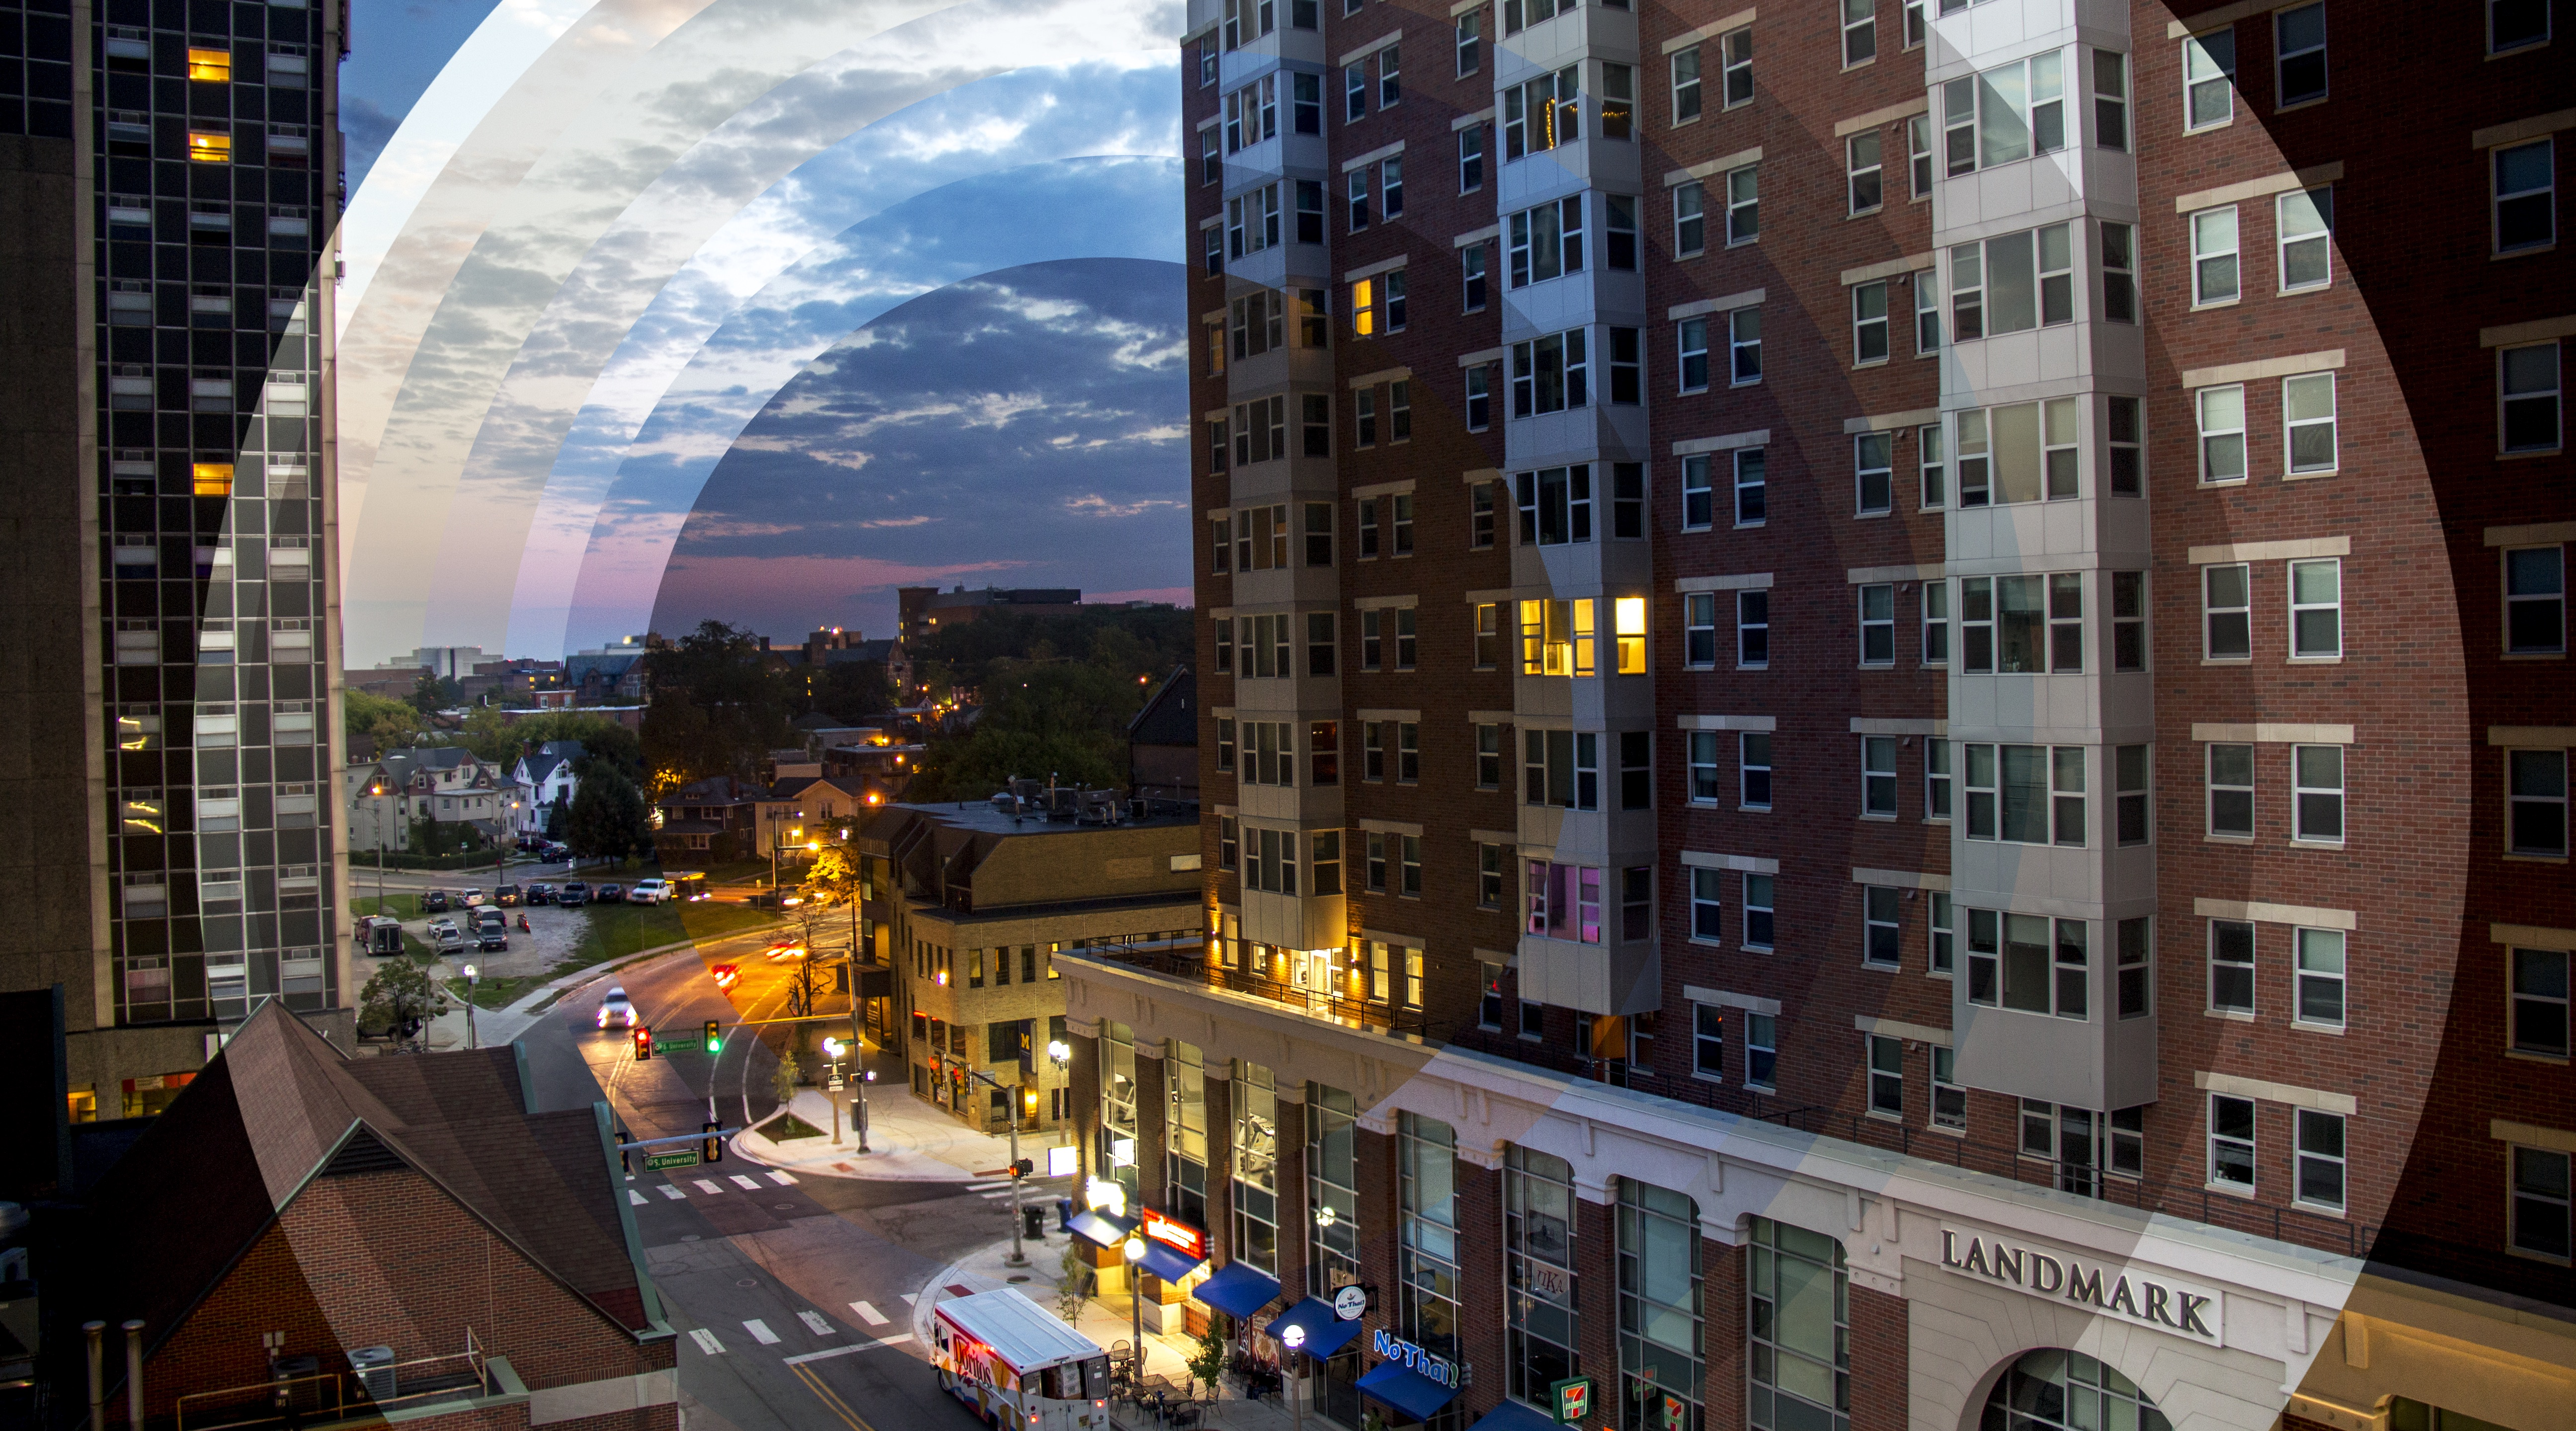 Ann Arbor Sunrise